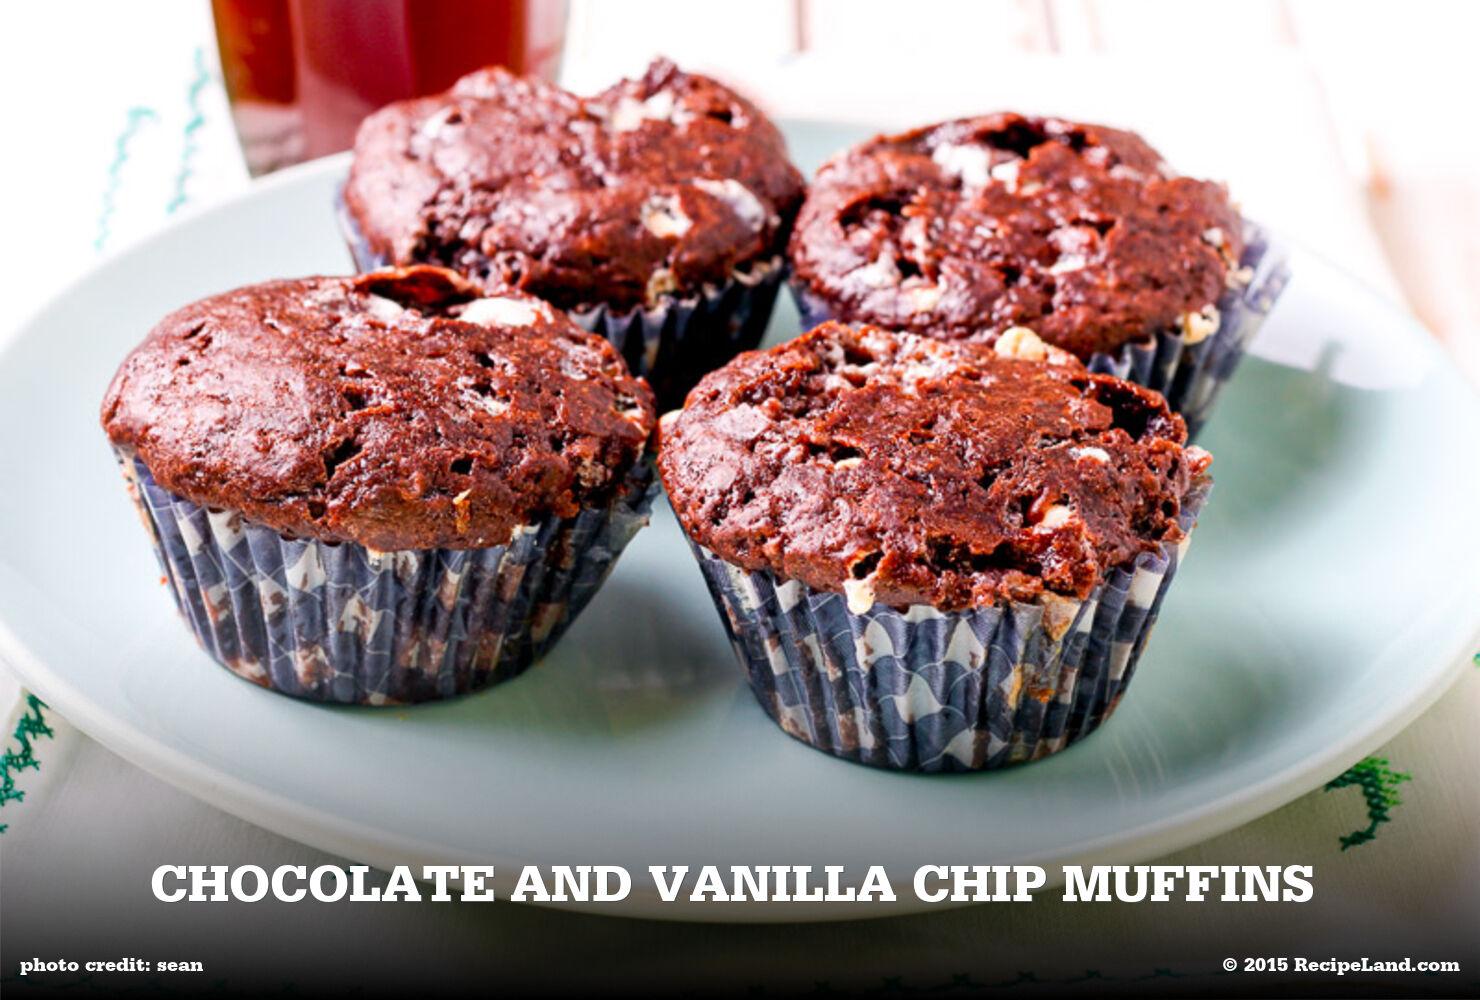 Chocolate and Vanilla Chip Muffins